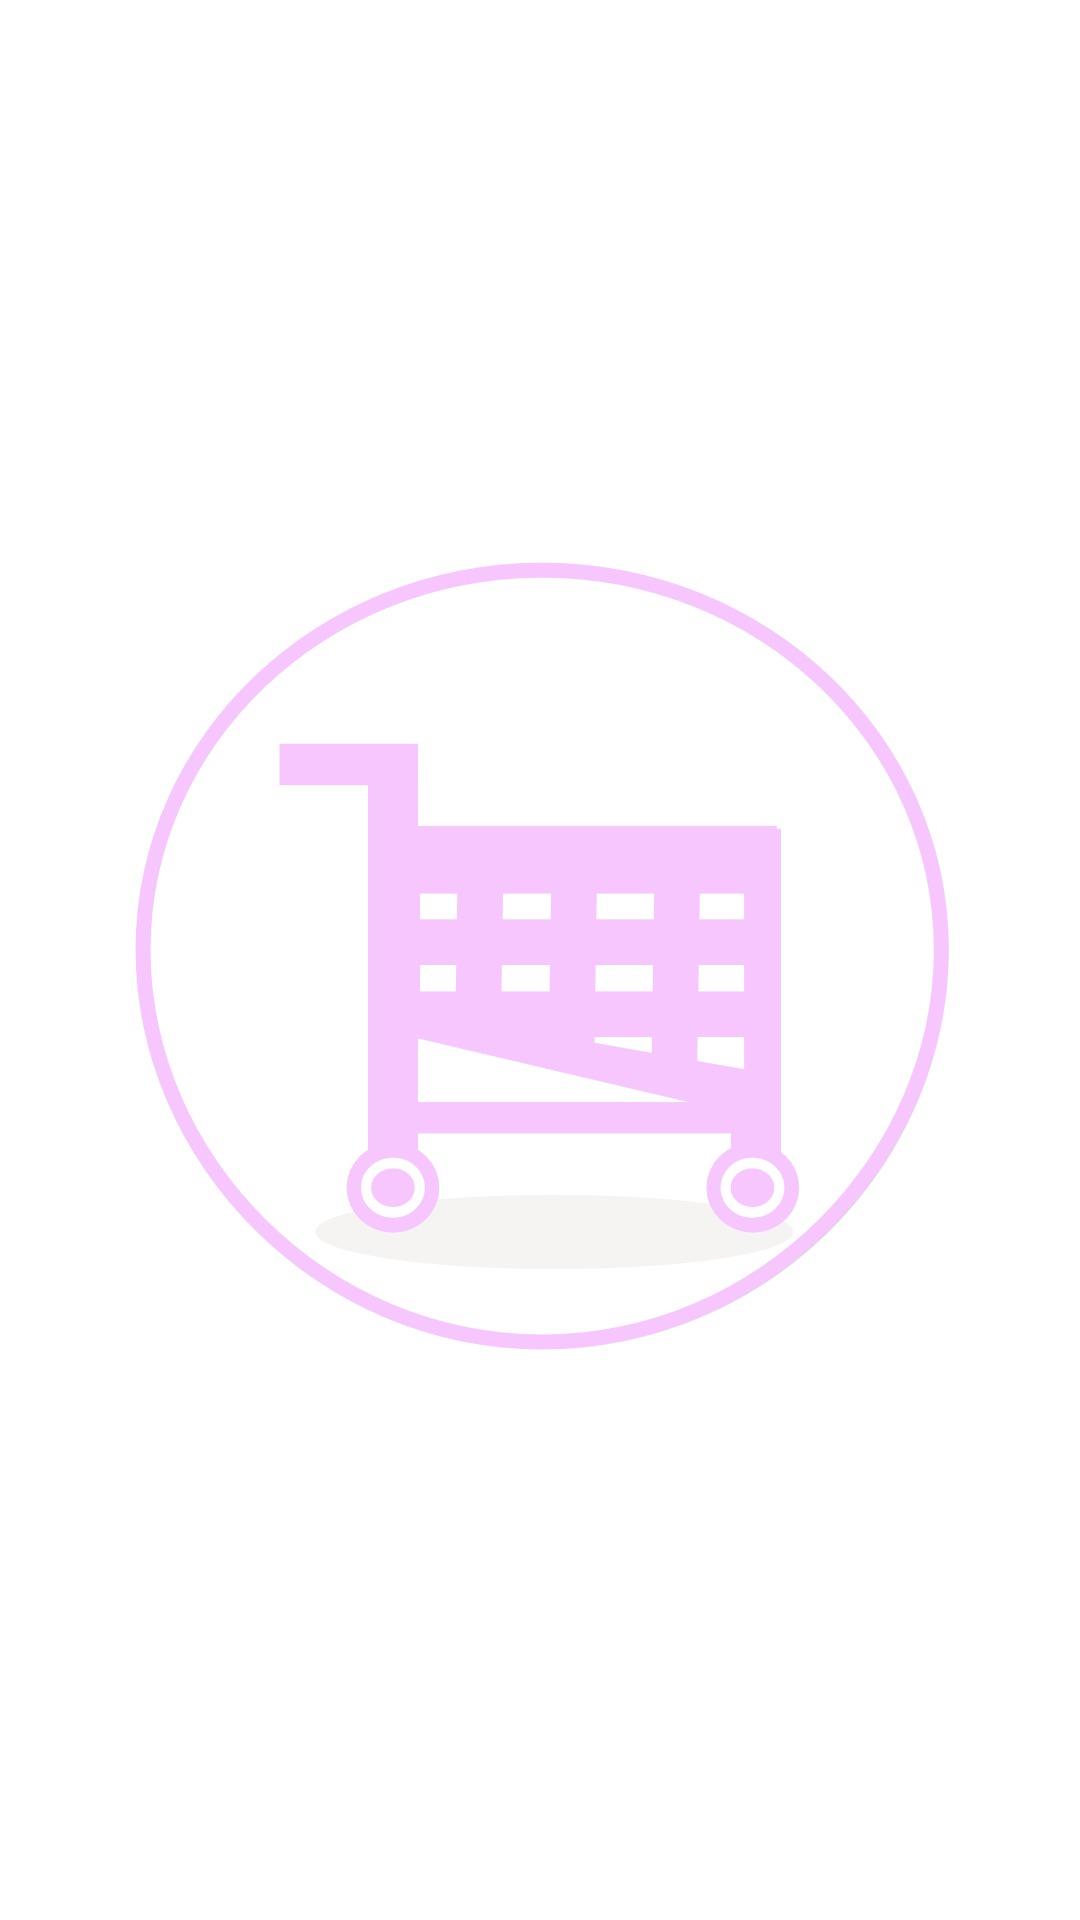 Instagram-cover-shoppingcar-pinkwhite-madebylottyvargas-lotnotes.jpg